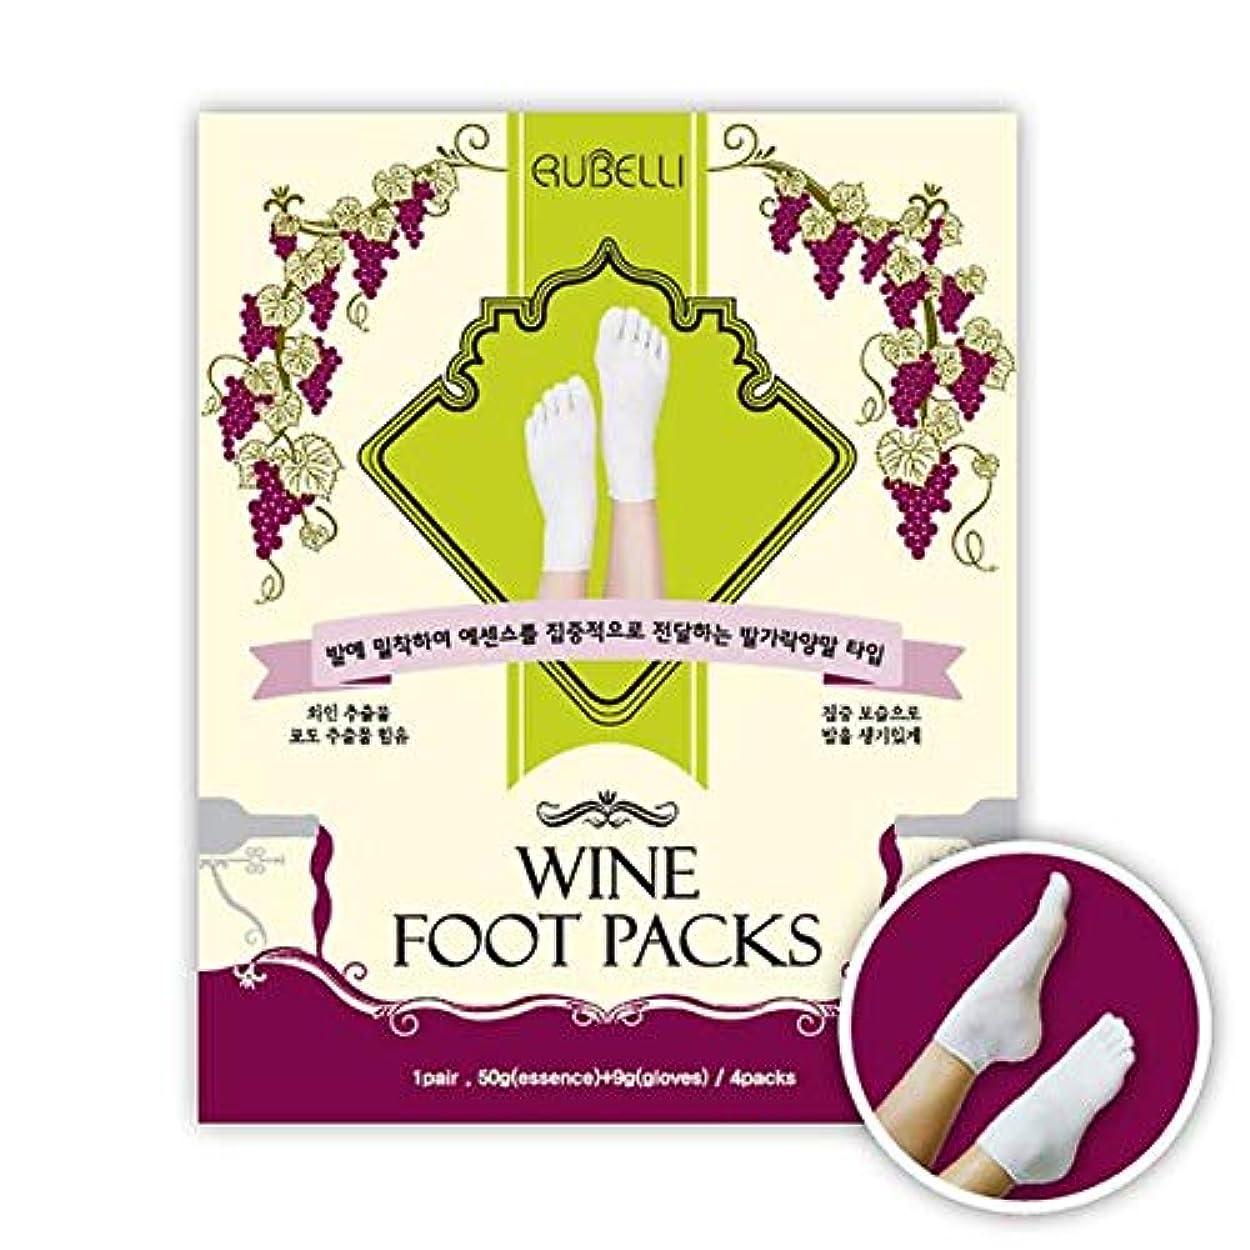 スクラッチ考える比較的ルベリ[RUBELLI] ワインフットパック59gx4ea自宅でセルフフットケア、保湿 (Wine Foot Packs)